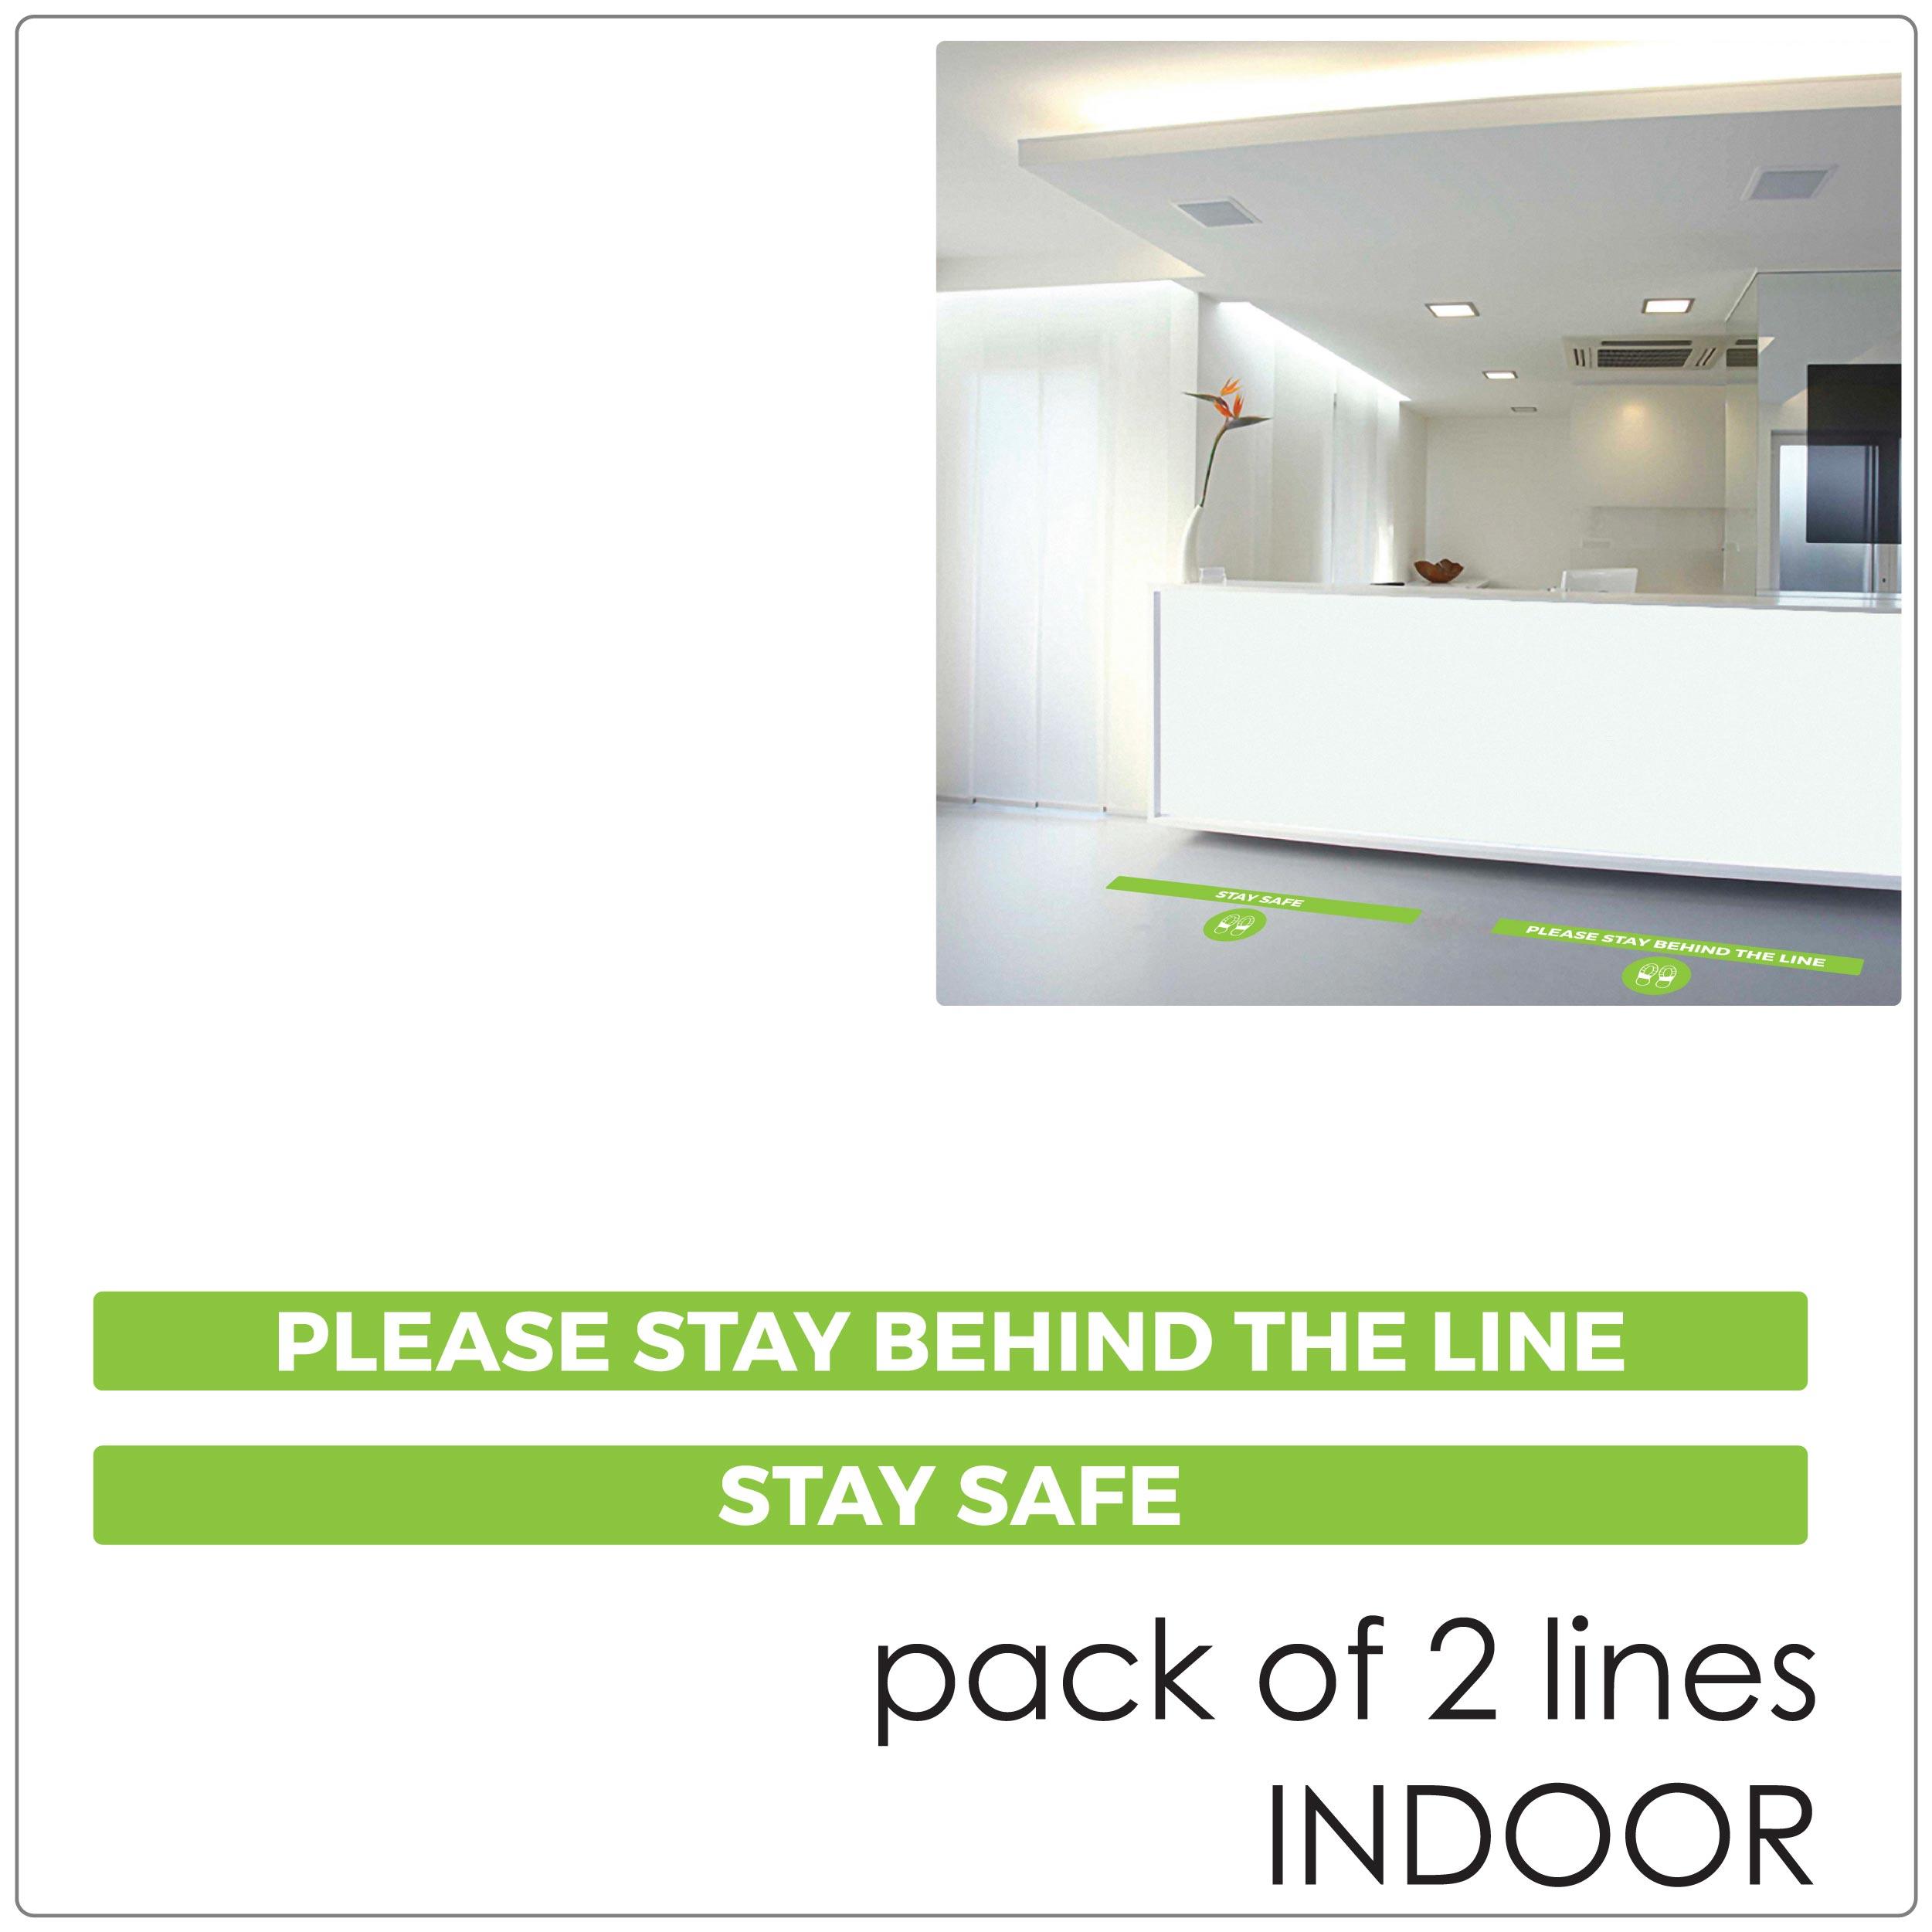 COVID-19 social distancing indoor floor sticker, 2 lines